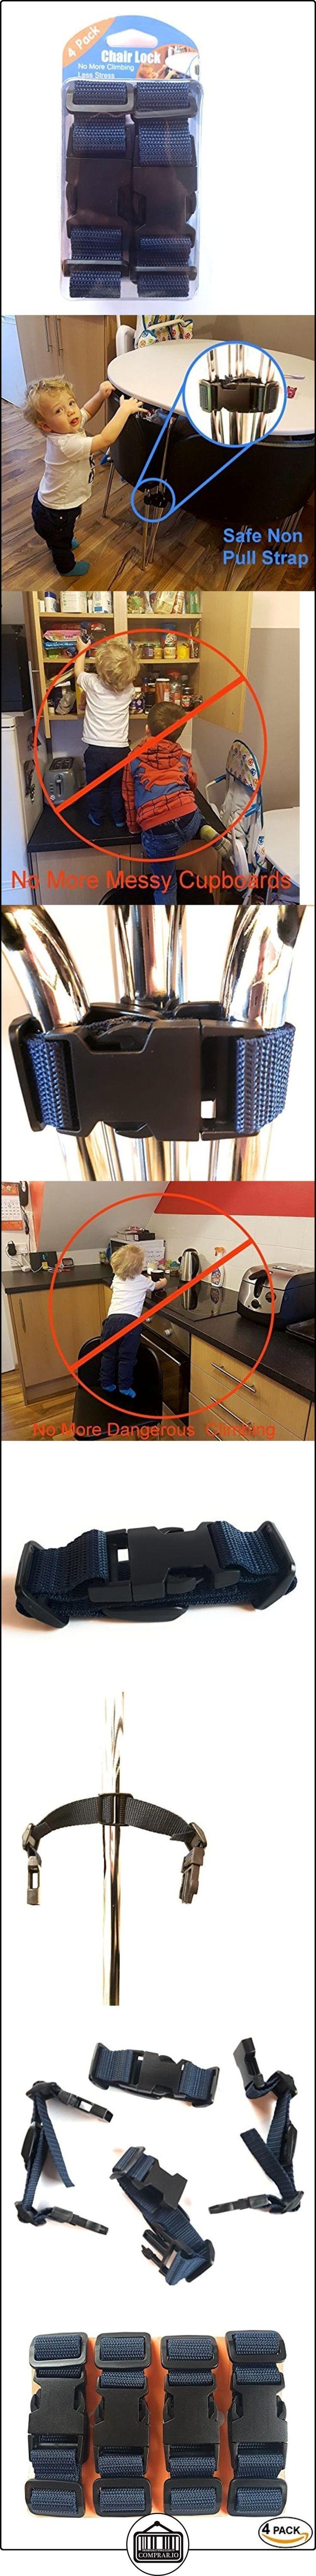 Kiddi prueba silla Lock Correas Anti Climb bebé seguridad no tirar con hebilla de liberación rápida (4unidades)  ✿ Seguridad para tu bebé - (Protege a tus hijos) ✿ ▬► Ver oferta: http://comprar.io/goto/B01N4OHZ68